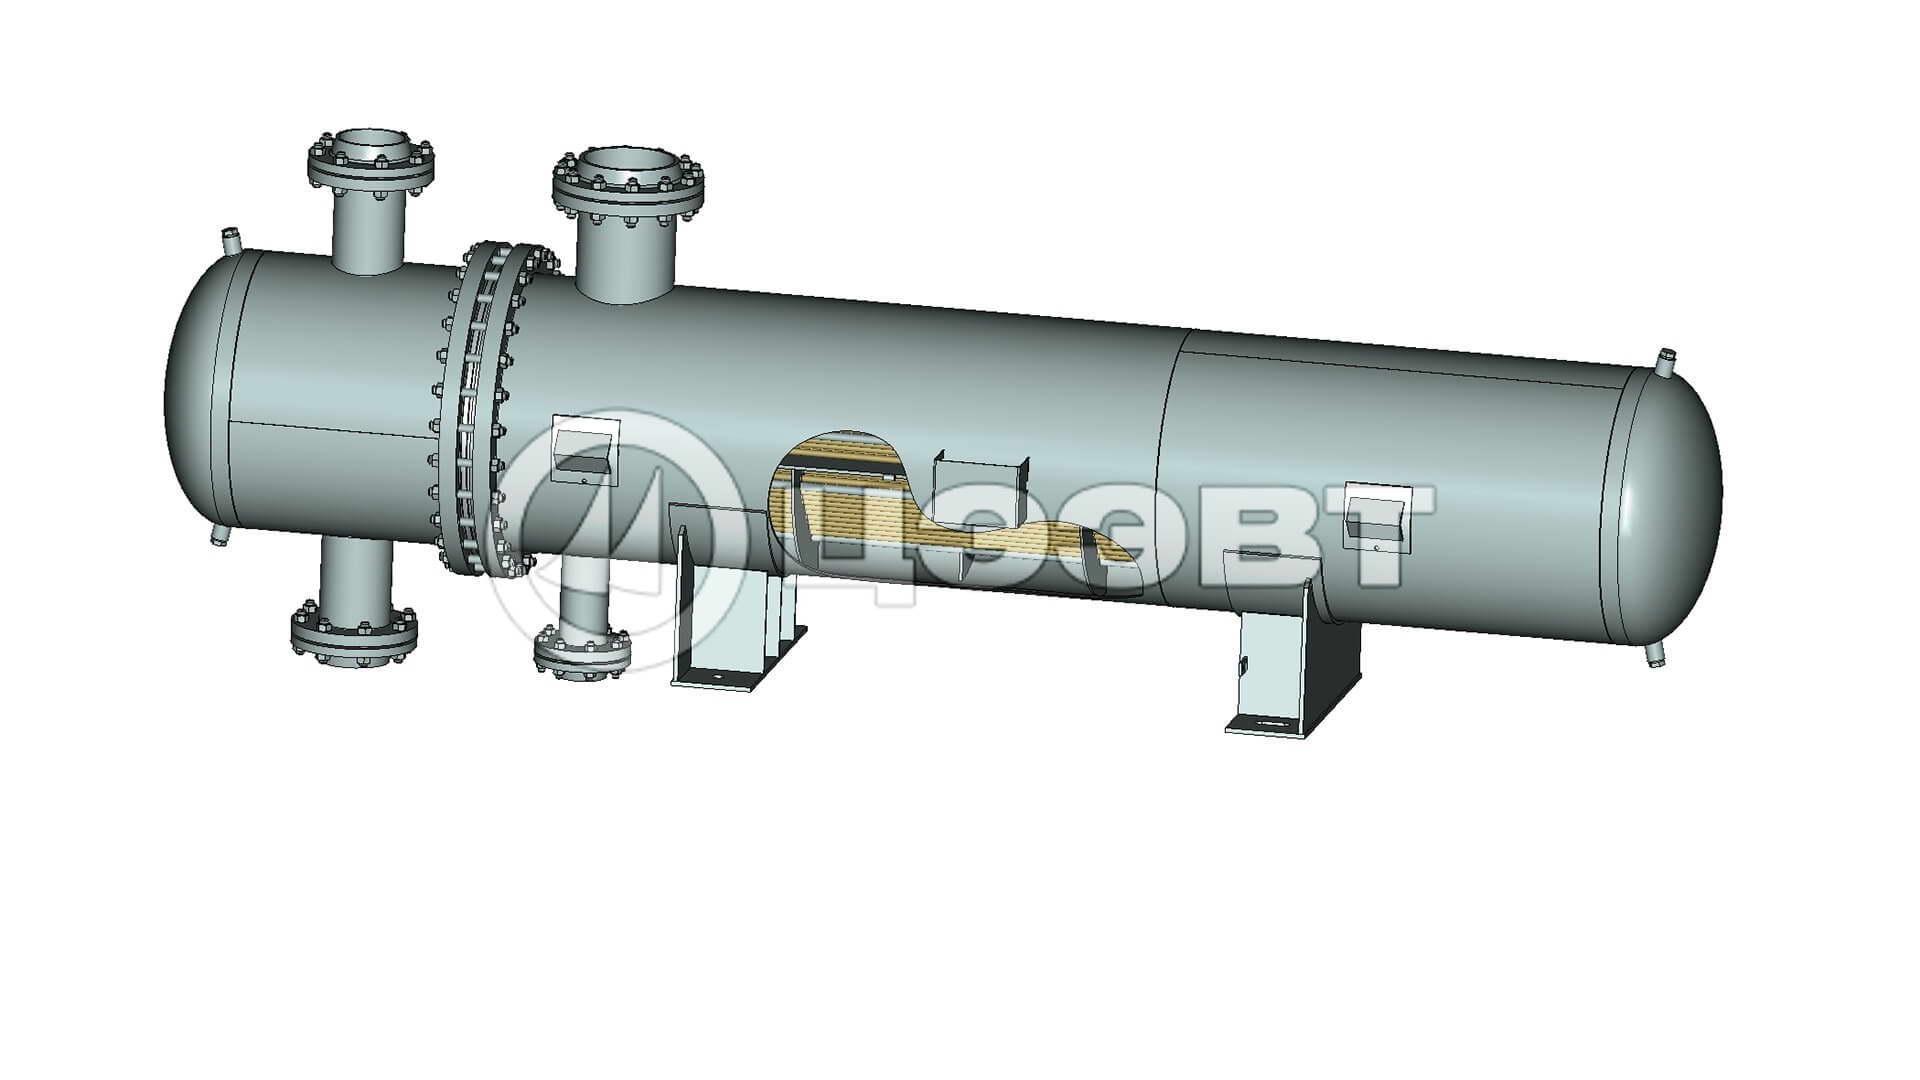 Кожухотрубные теплообменники пермь Уплотнения теплообменника Анвитэк ALX-40 Ижевск